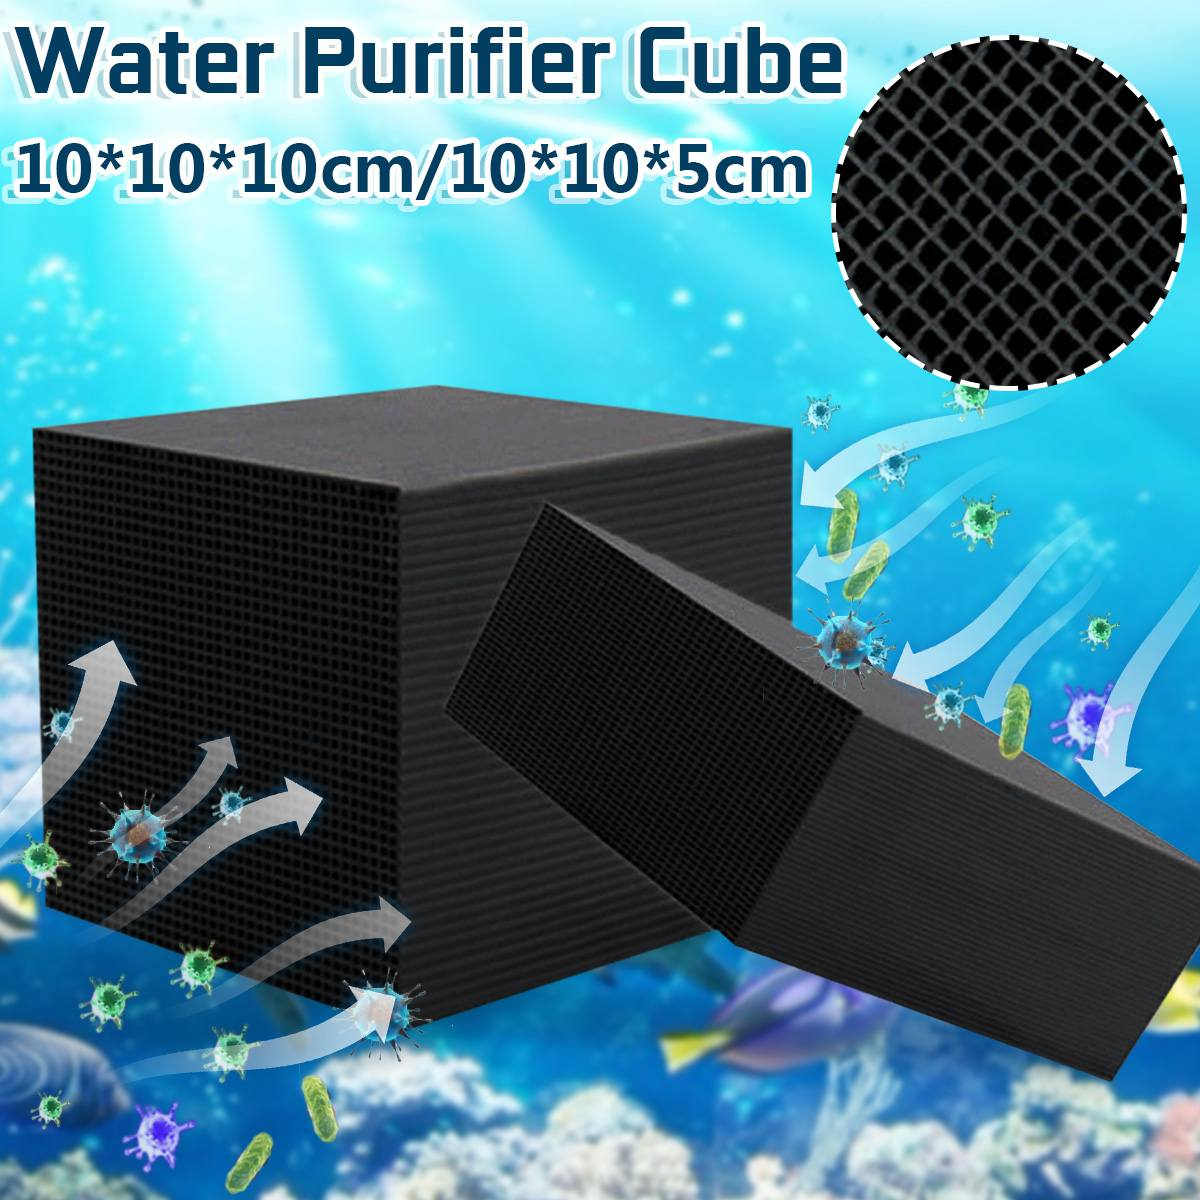 Cubo purificador de agua de acuario ecológico, absorción de filtración más fuerte, filtro de carbón activado, cubo purificador de agua